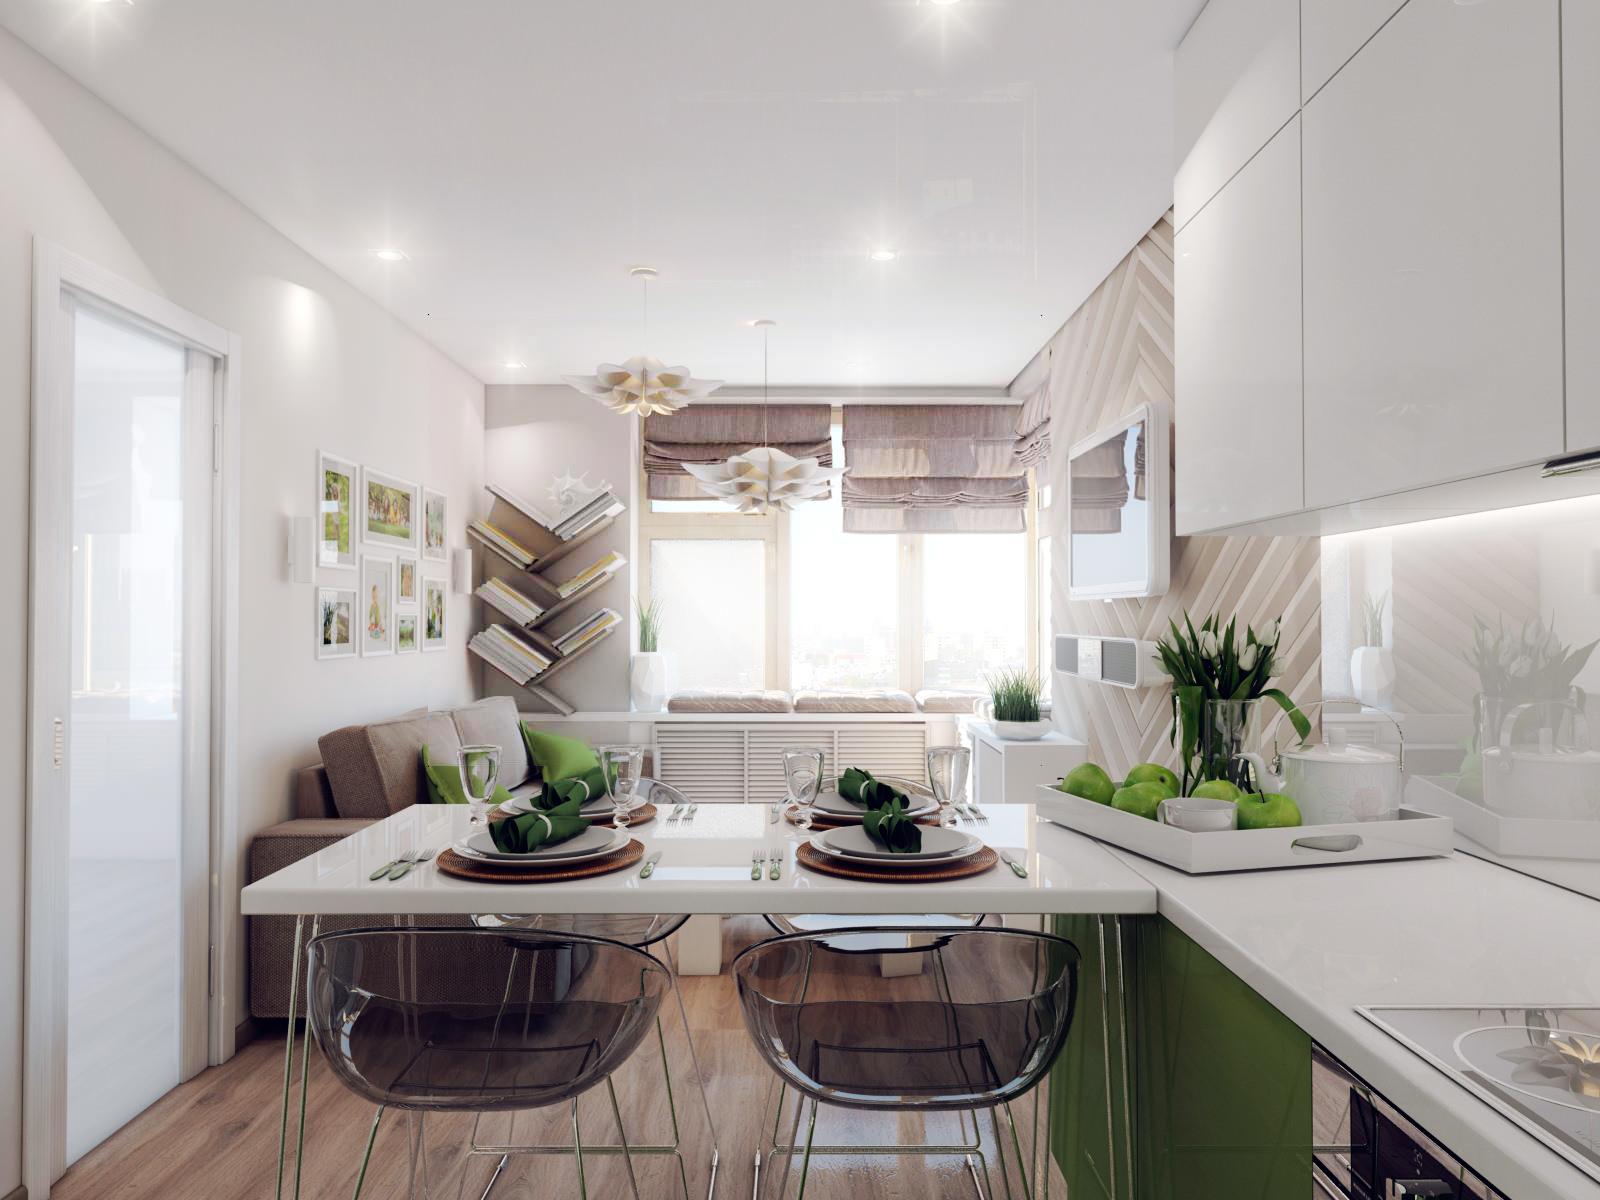 живут всей дизайн кухни прямоугольной формы фото слову, второго ребенка